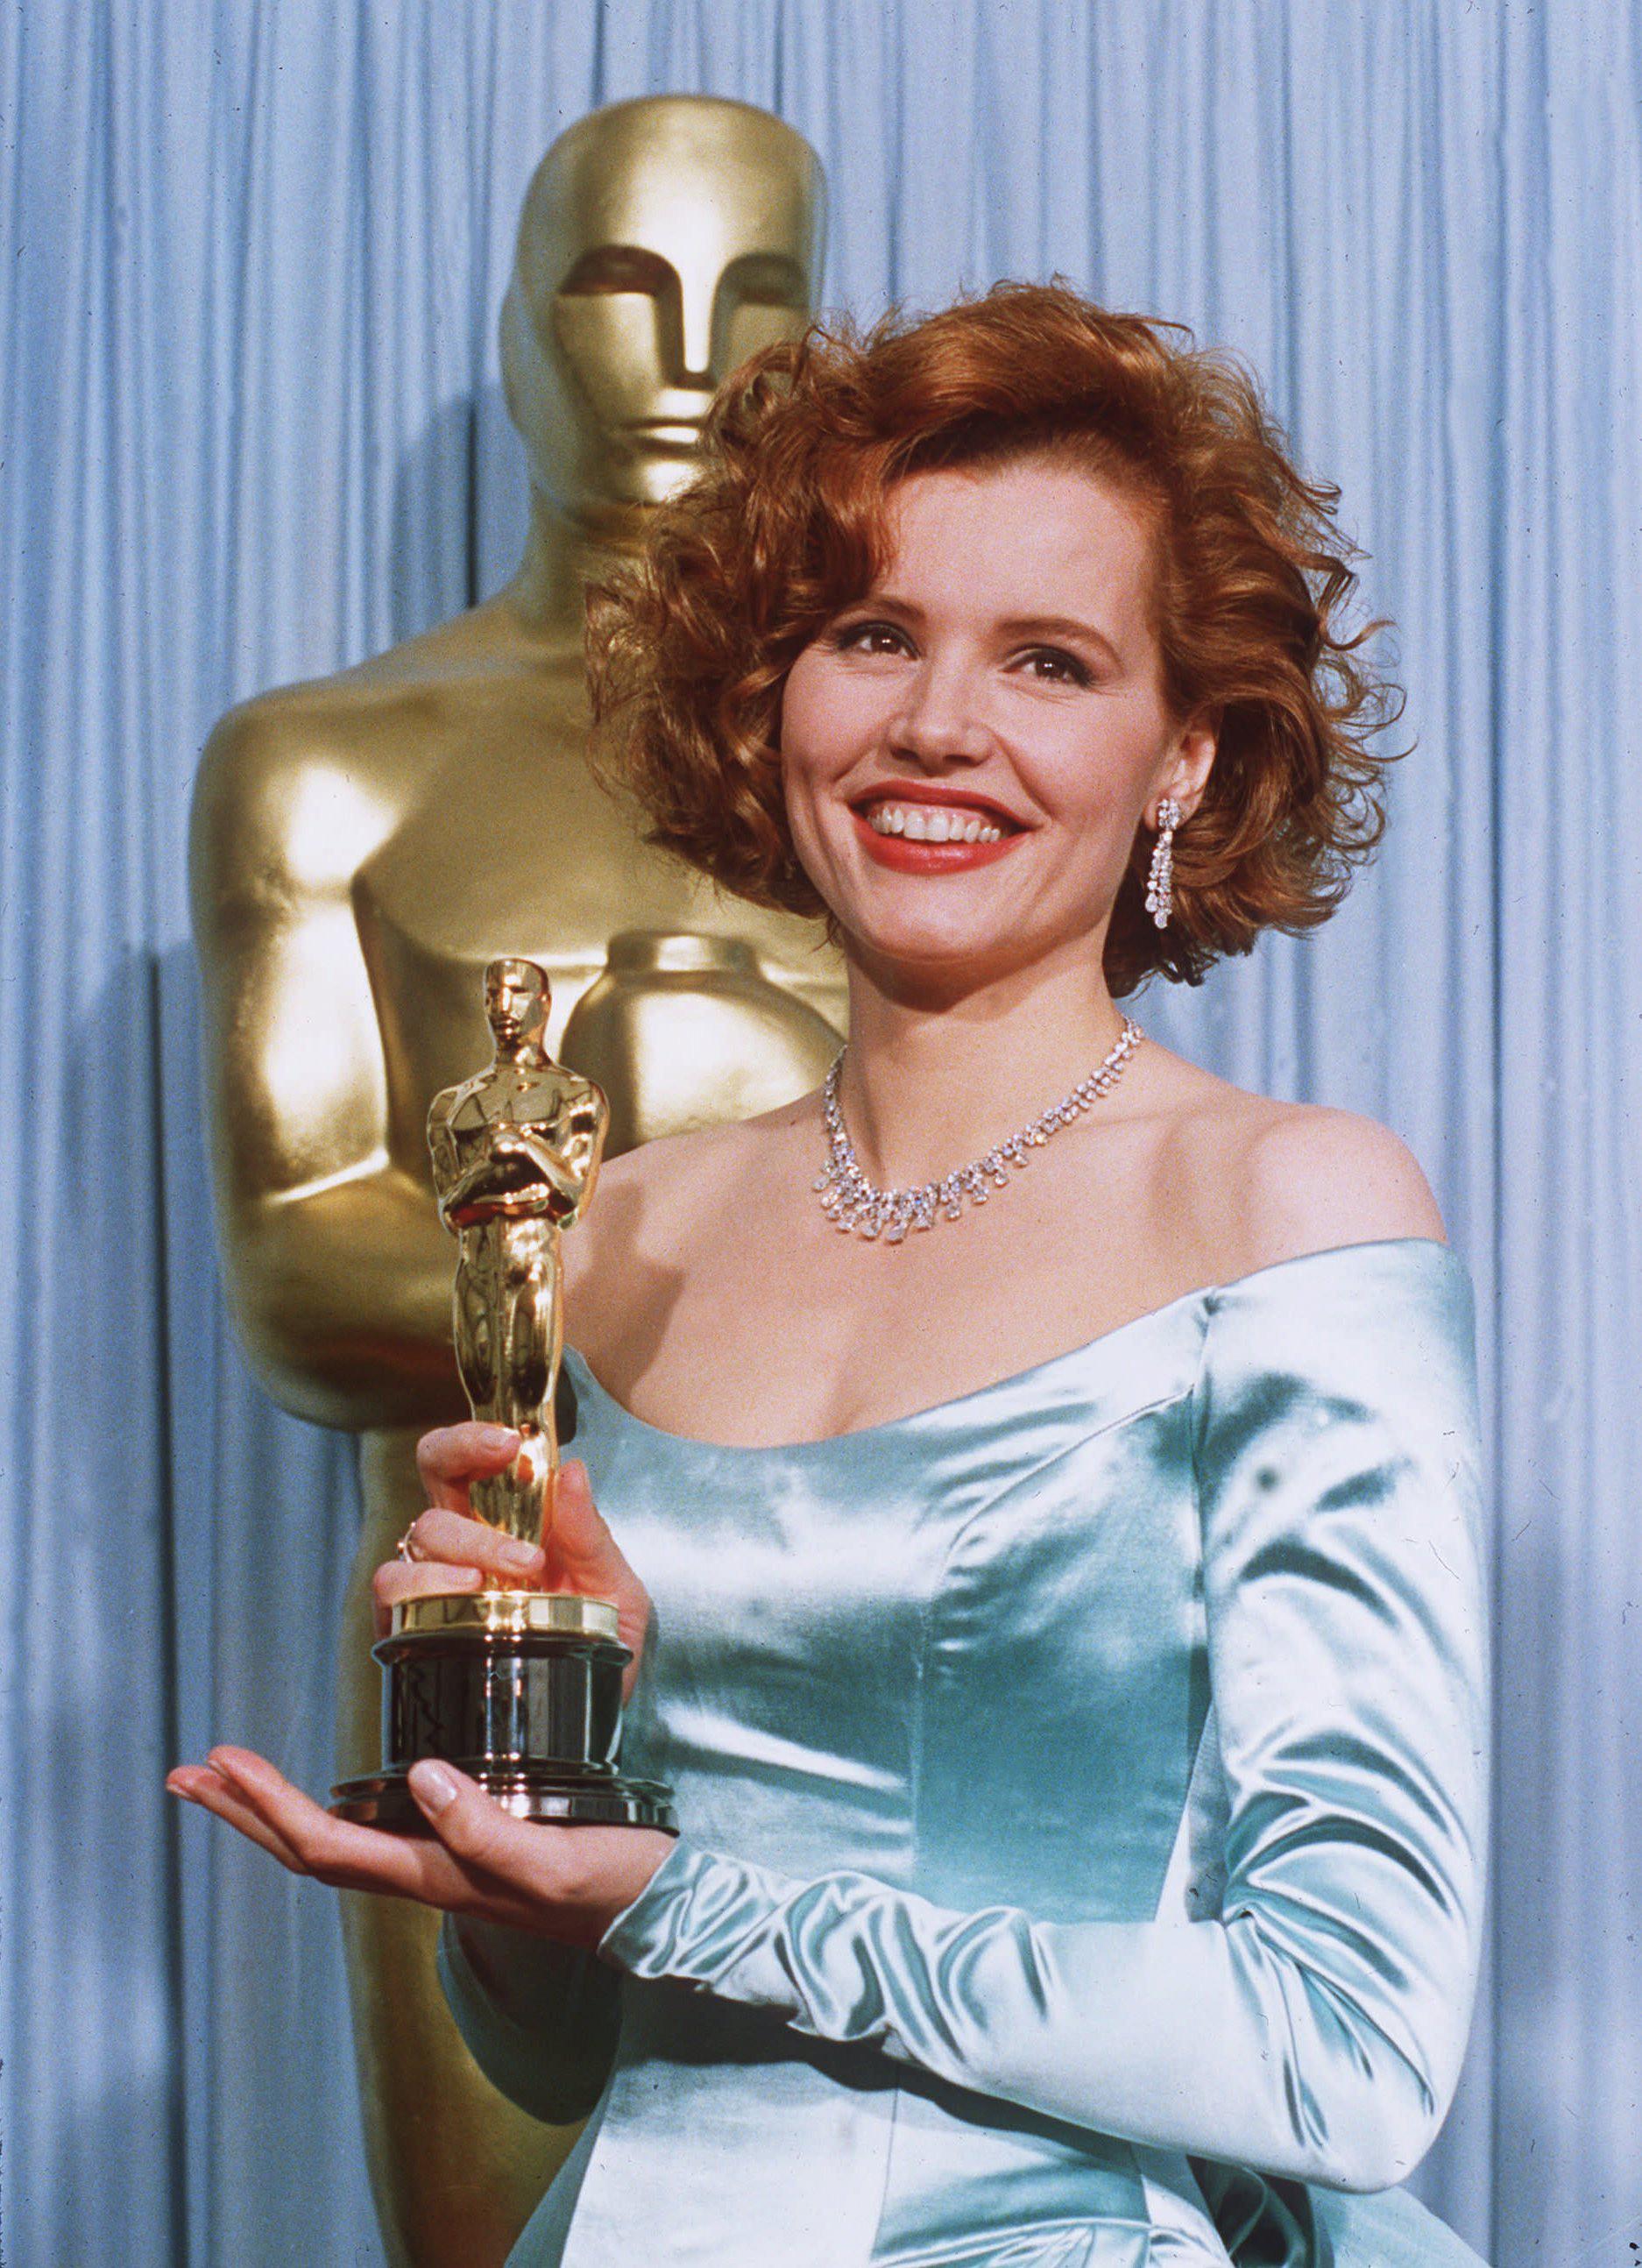 Geena Davis at the 1989 Oscars